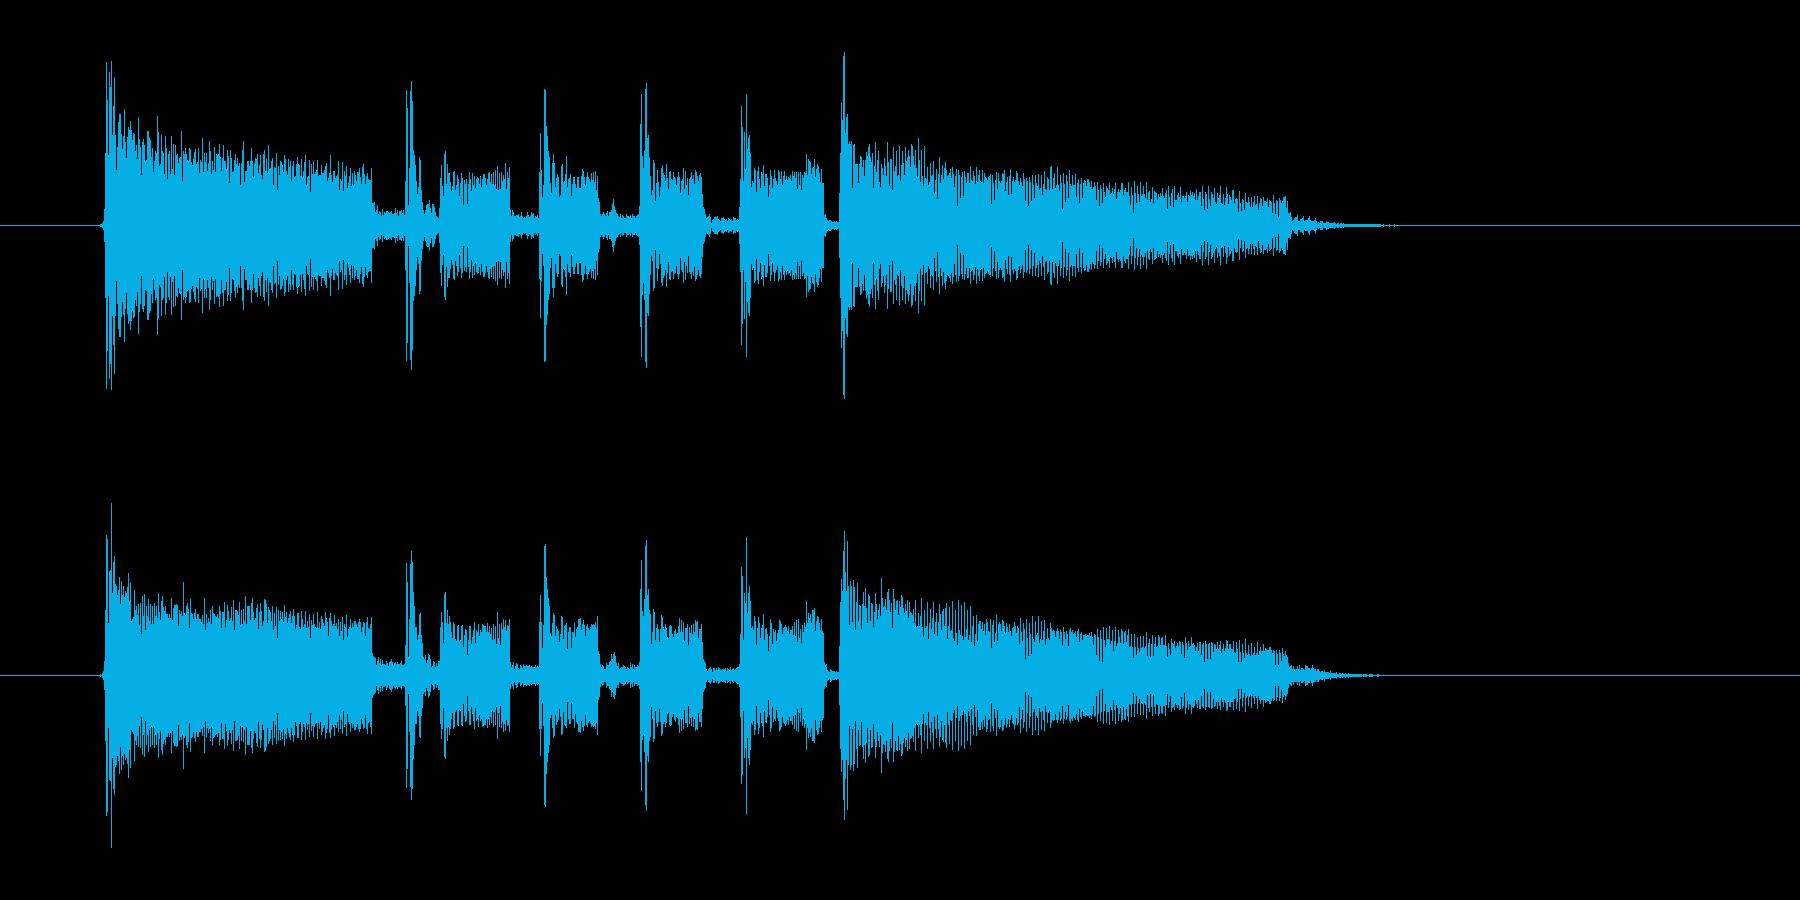 ジャズとポップスの融合の再生済みの波形